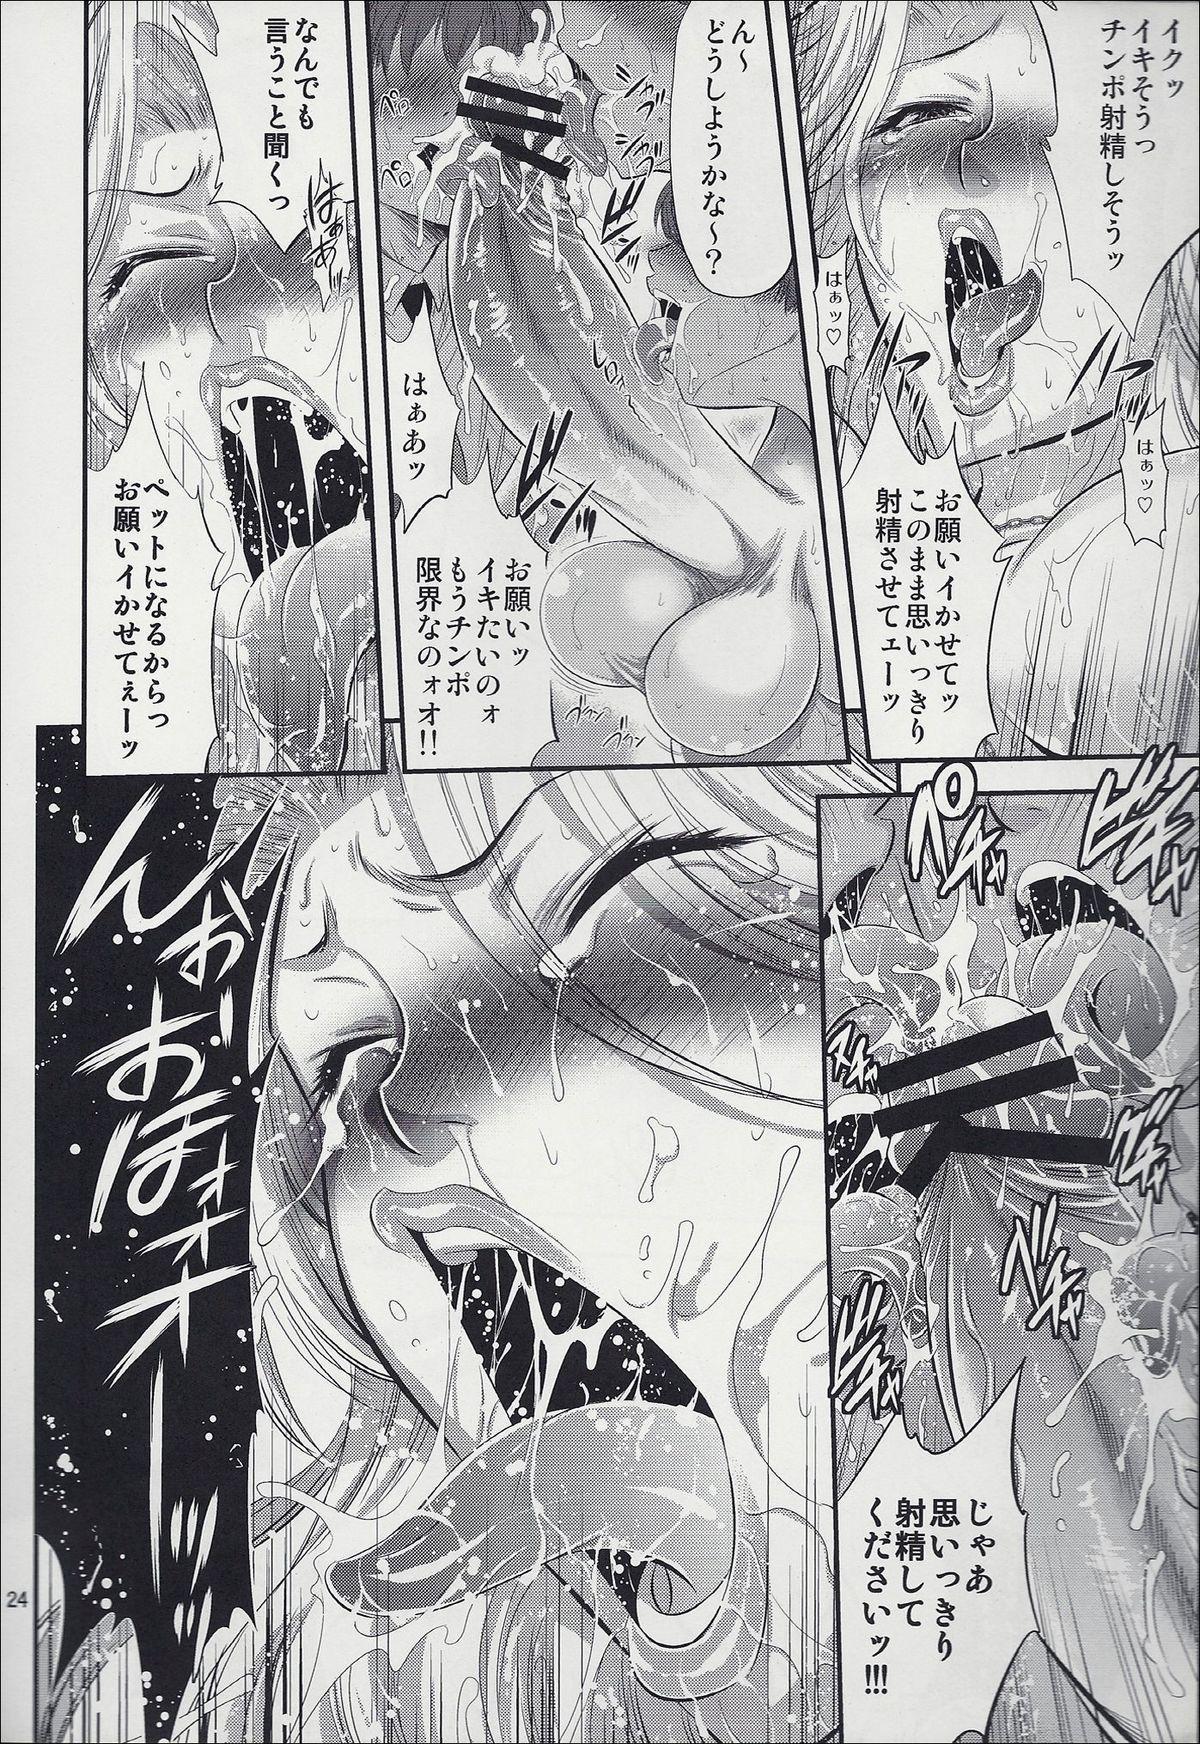 Futagiku 22